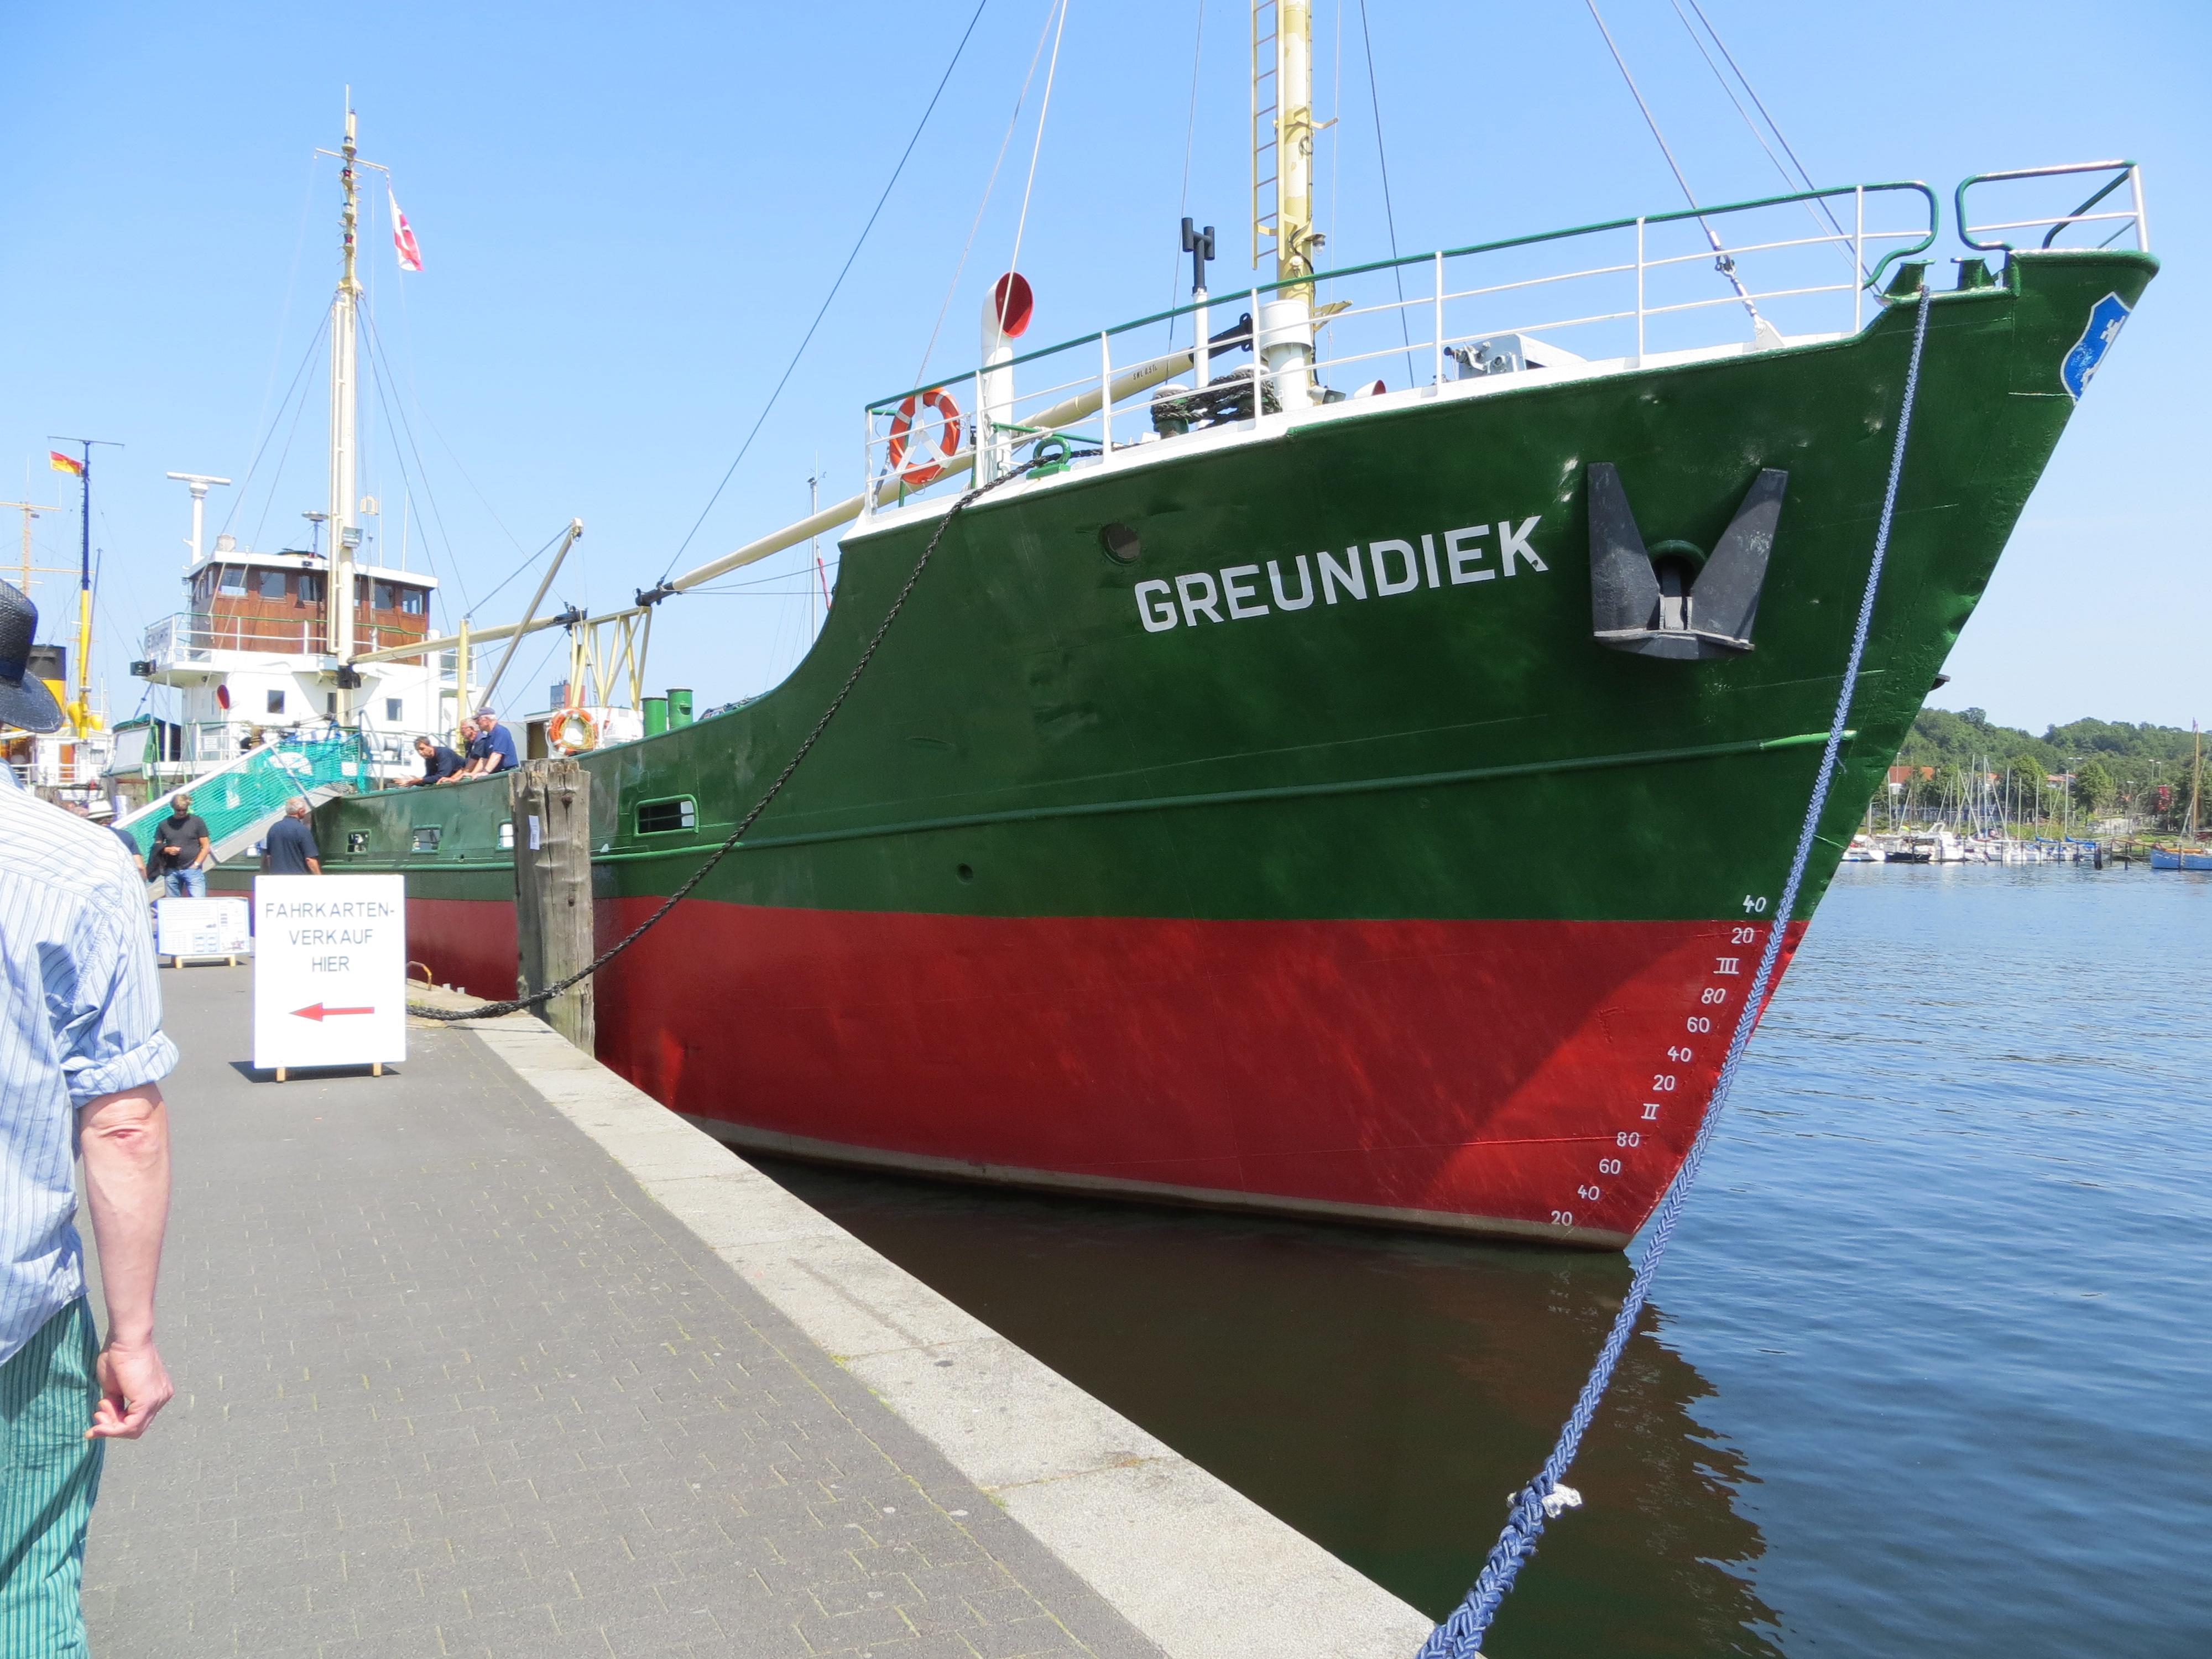 File:Dampf Rundum 2013, Greundiek, Bild 02.JPG - Wikimedia Commons